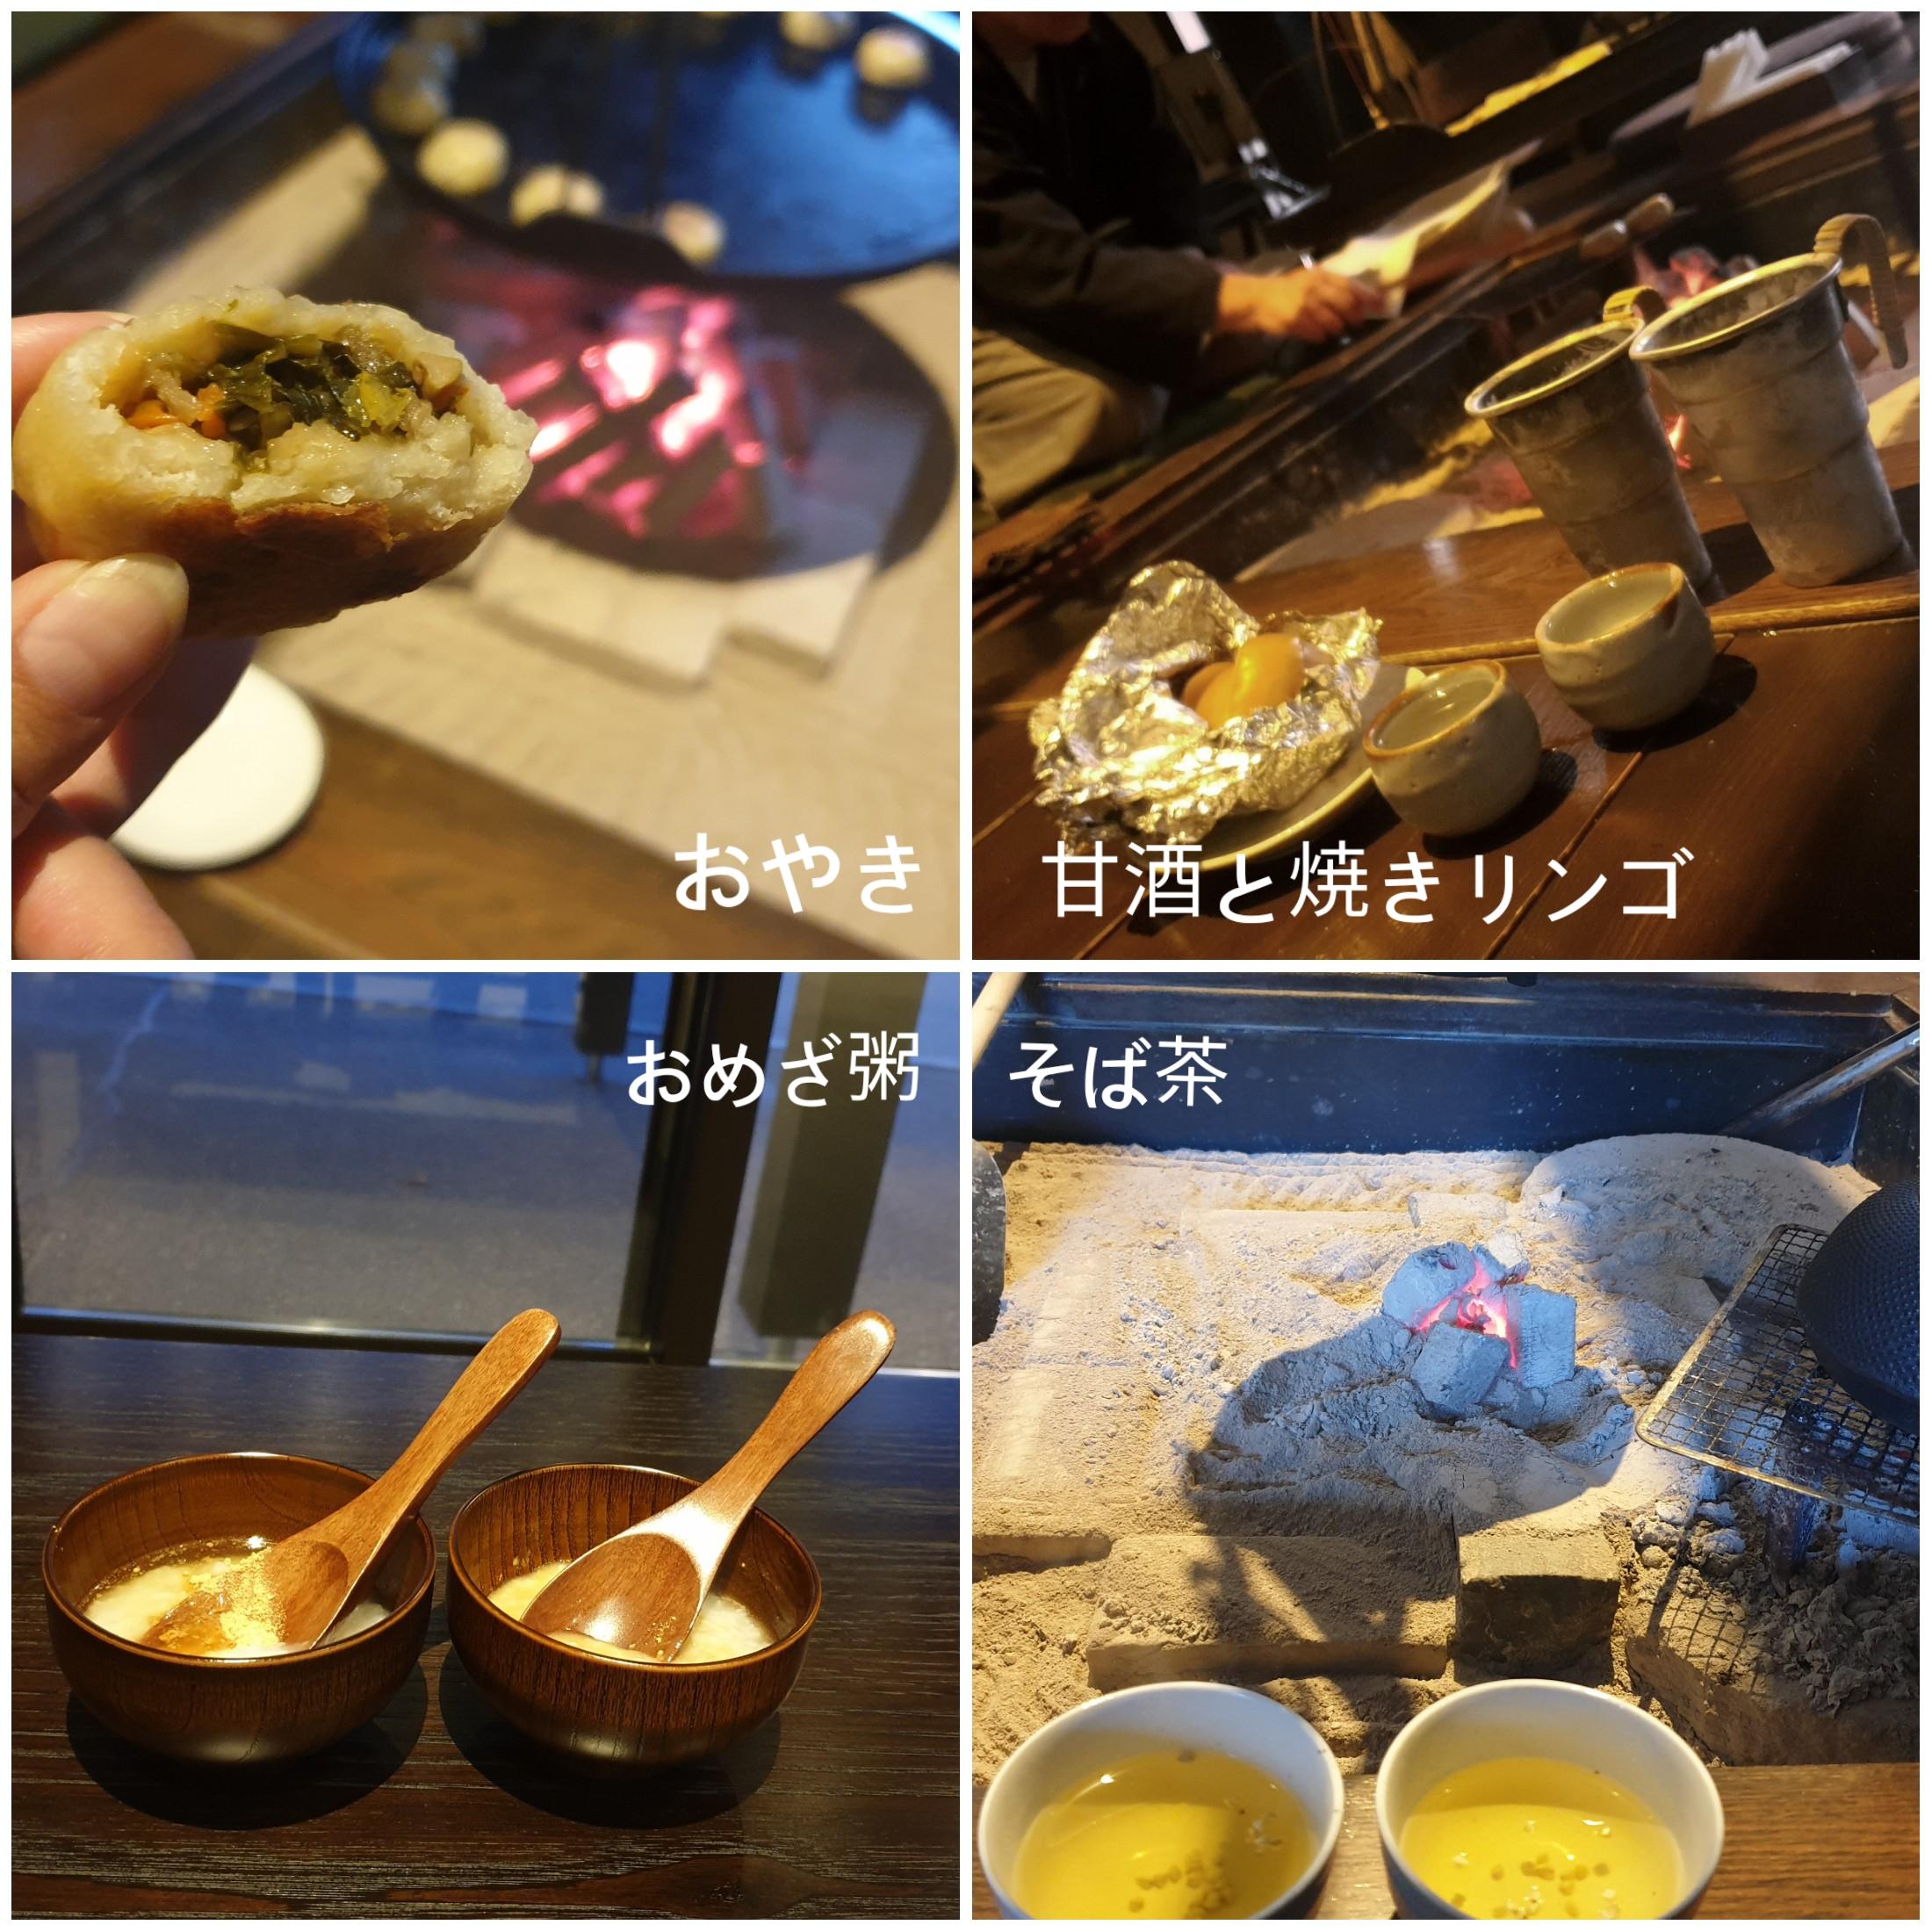 【星野リゾート】界タビ20sで癒しと美食の女子旅! 長野県の「界 アルプス」に泊まってみた_11